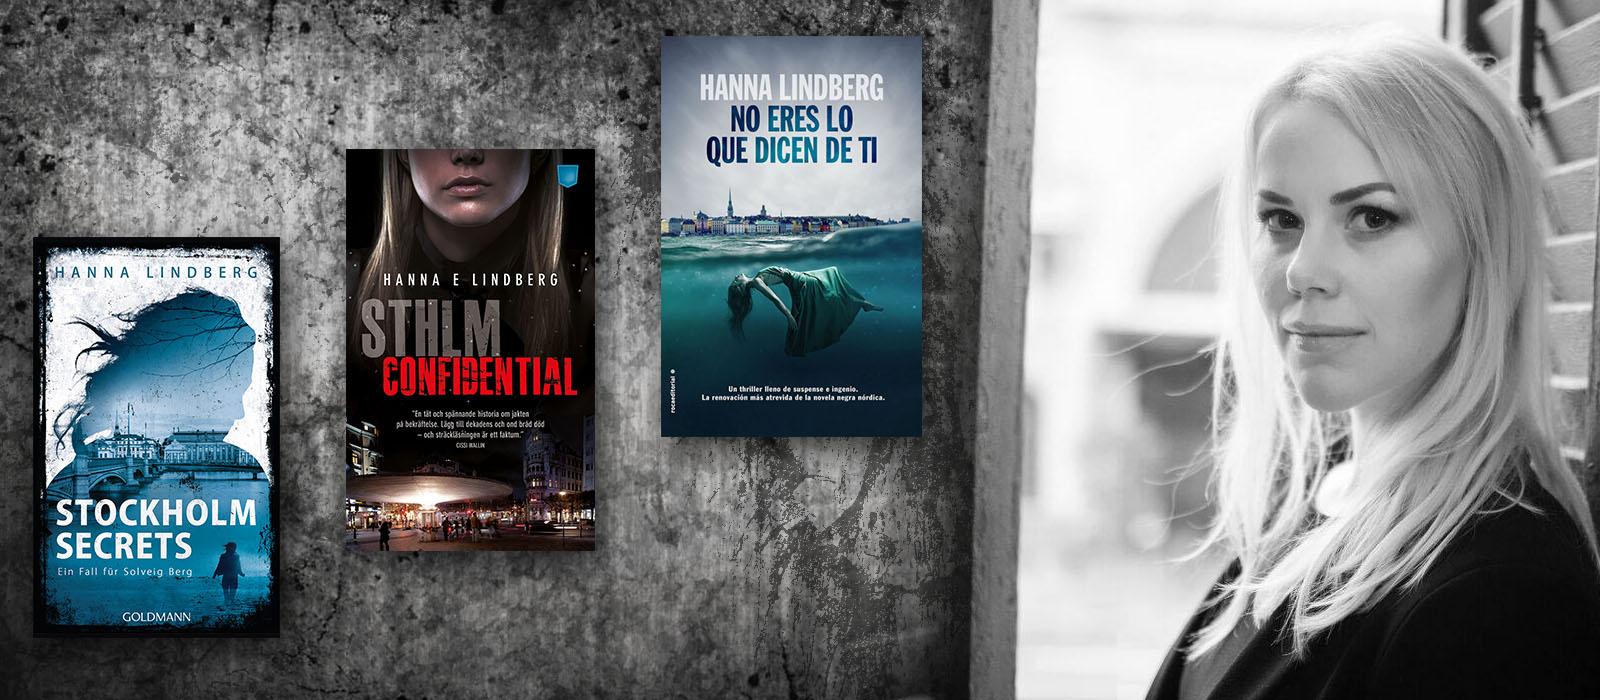 Hanna Lindberg Books